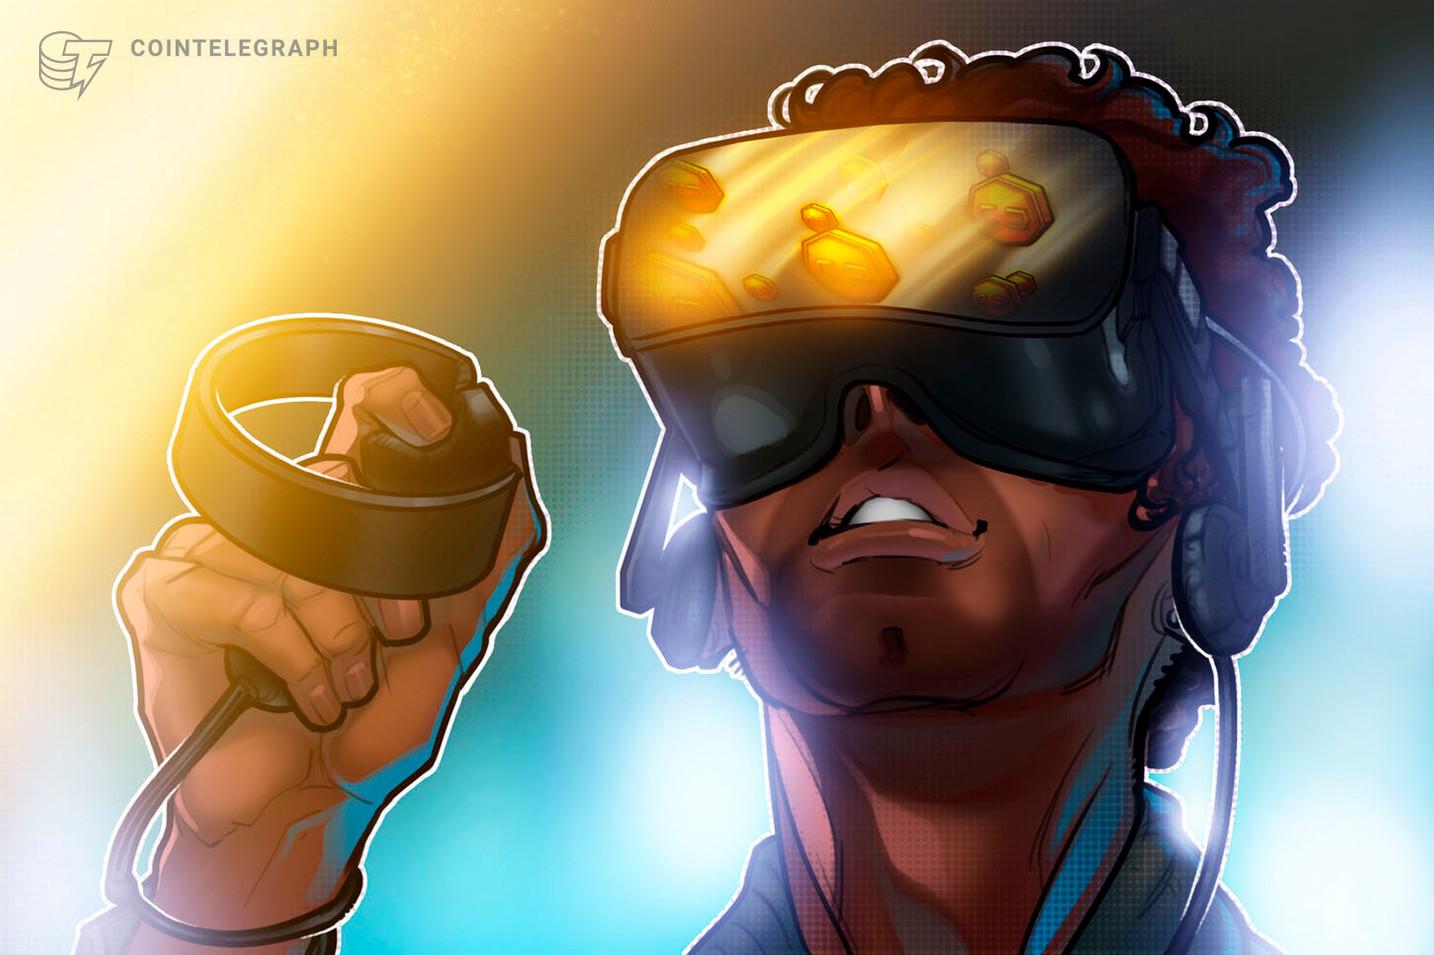 Il gaming sarà fondamentale per l'adozione delle crypto su larga scala